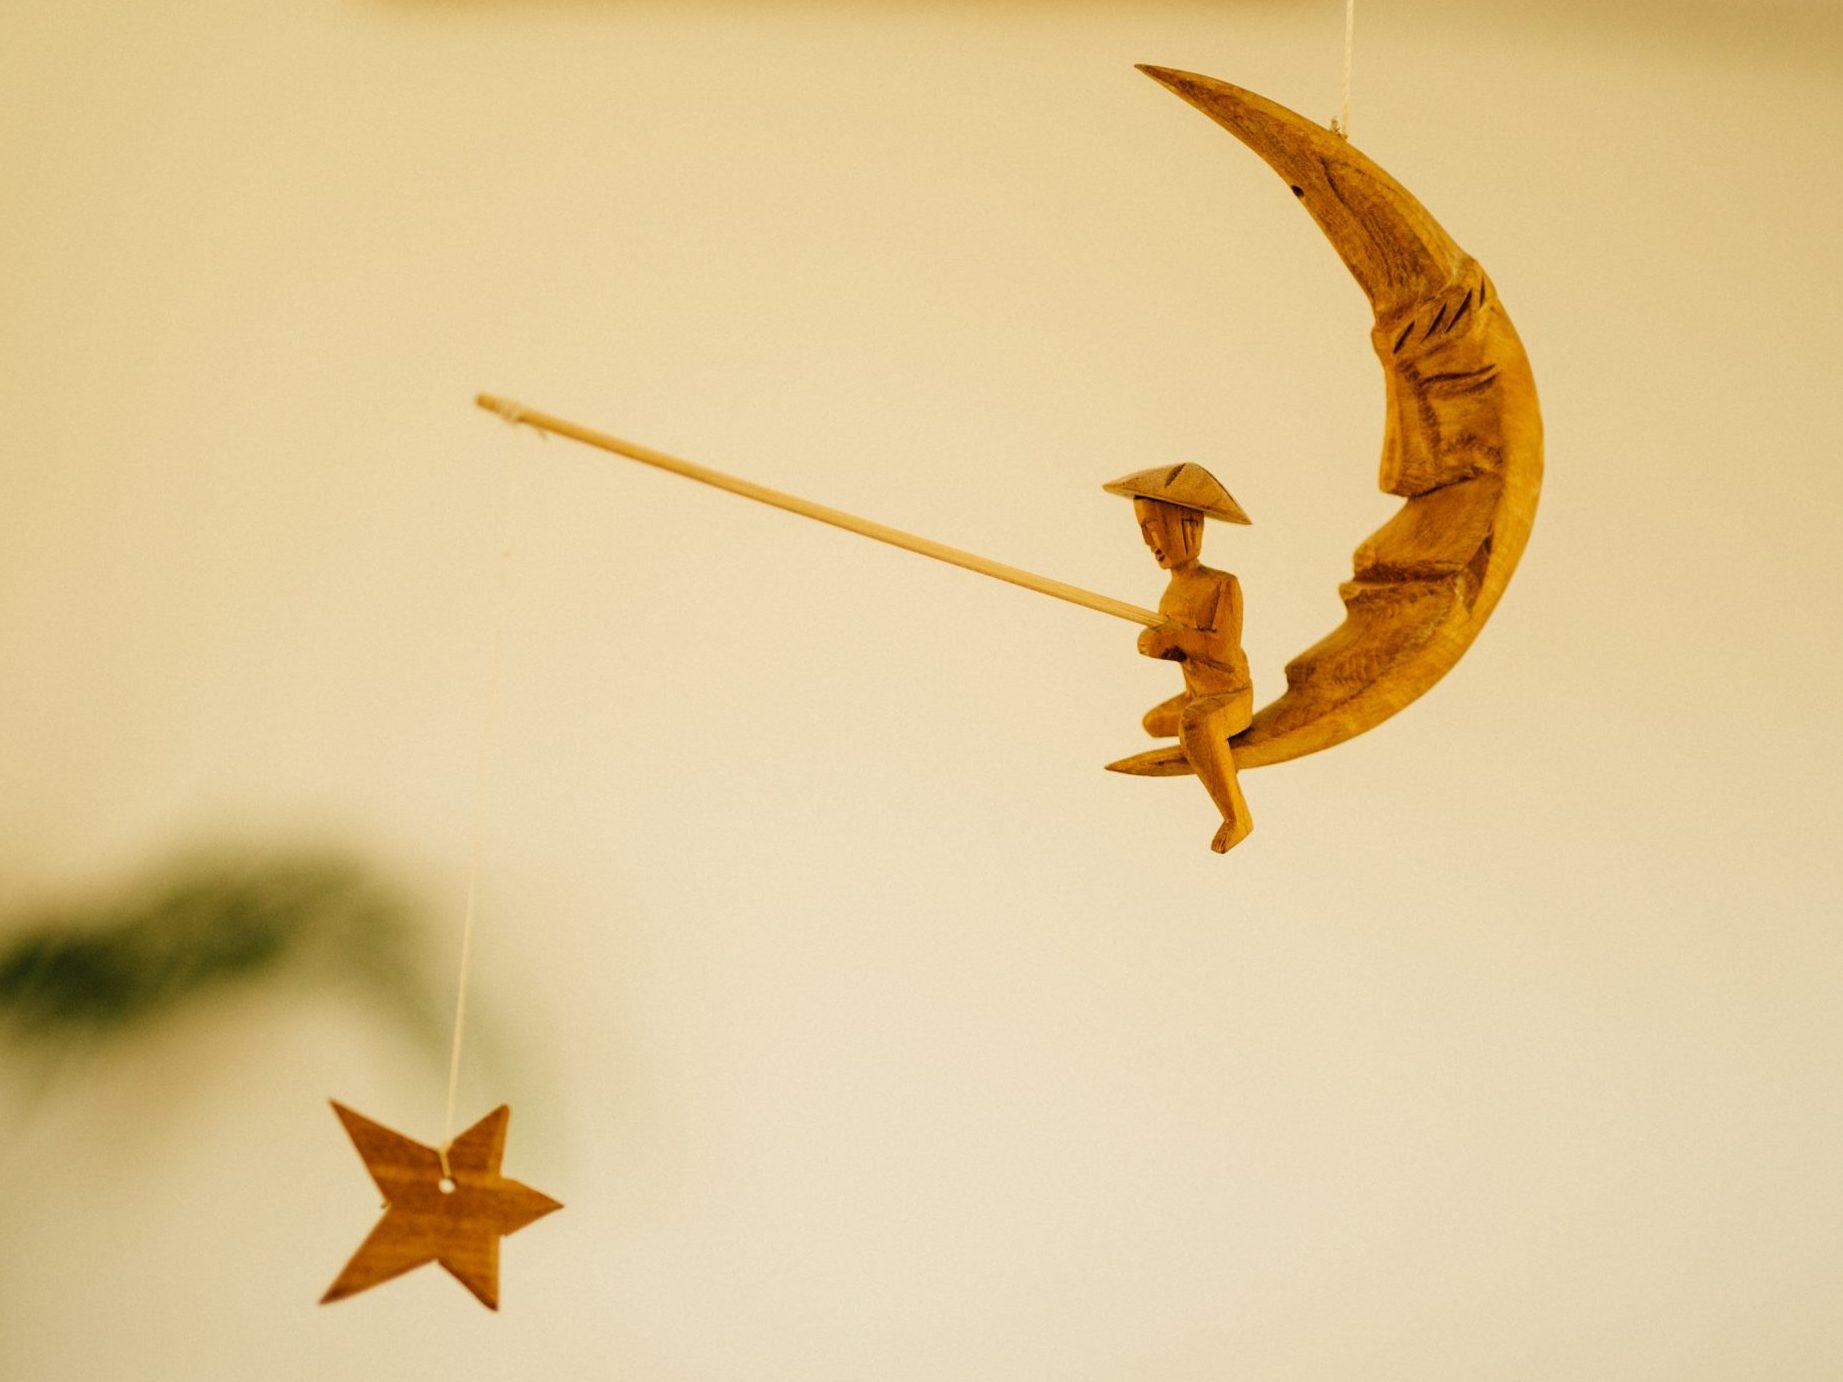 Mannetje op de maan dat vist naar een ster. Sluit je aan bij deze maan-delijkse meditatiegroep? ;)